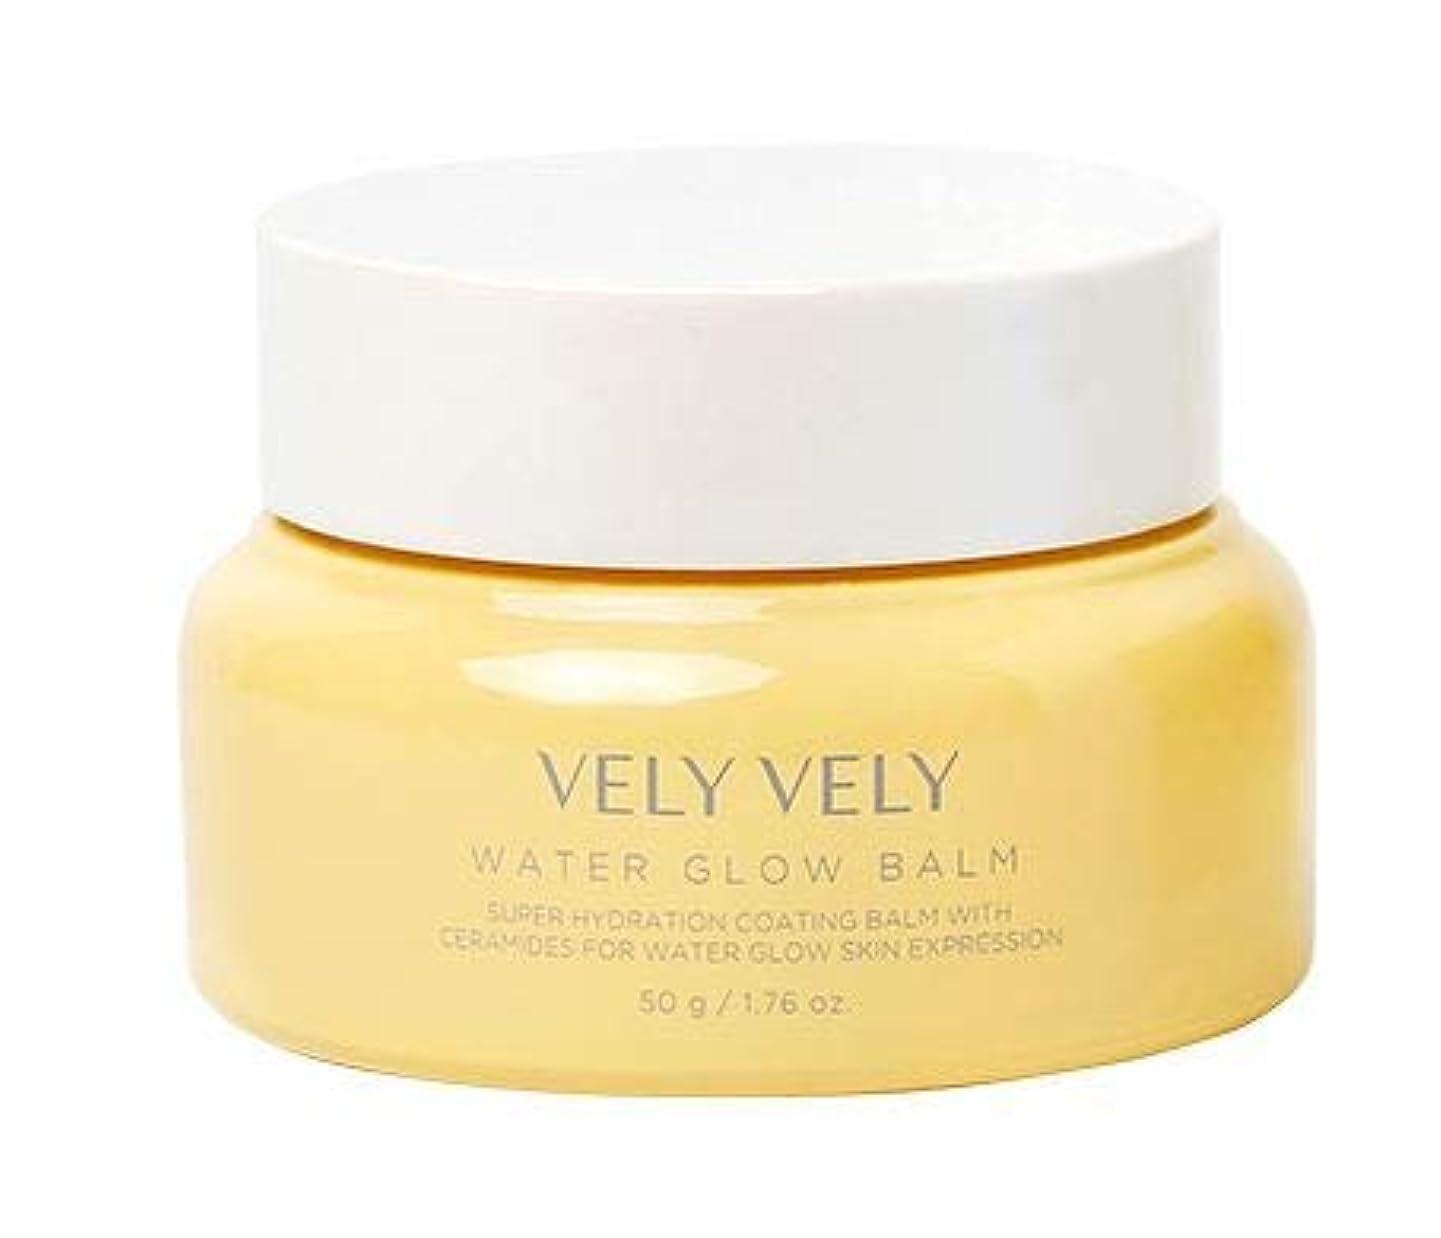 罰する討論因子Vely Vely Water Glow Balm(ウォーターグローバーム) 50g [並行輸入品]